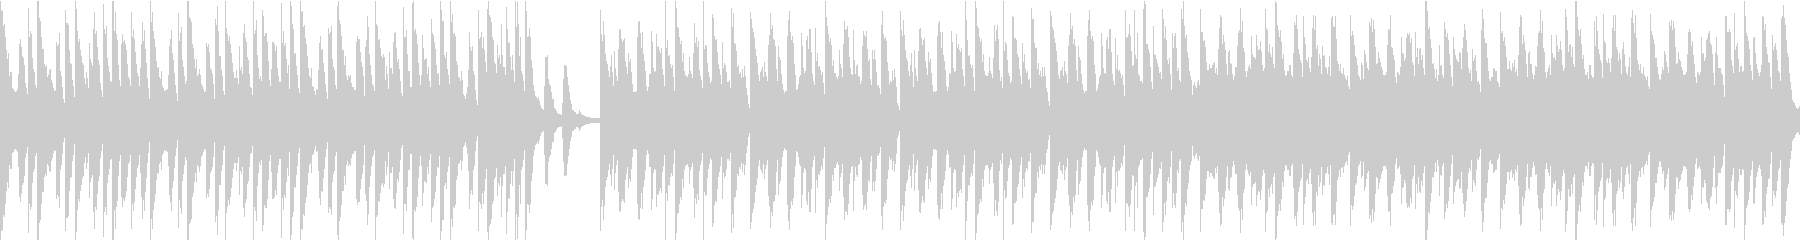 コミカルオーケストラ/静かめループ仕様の未再生の波形